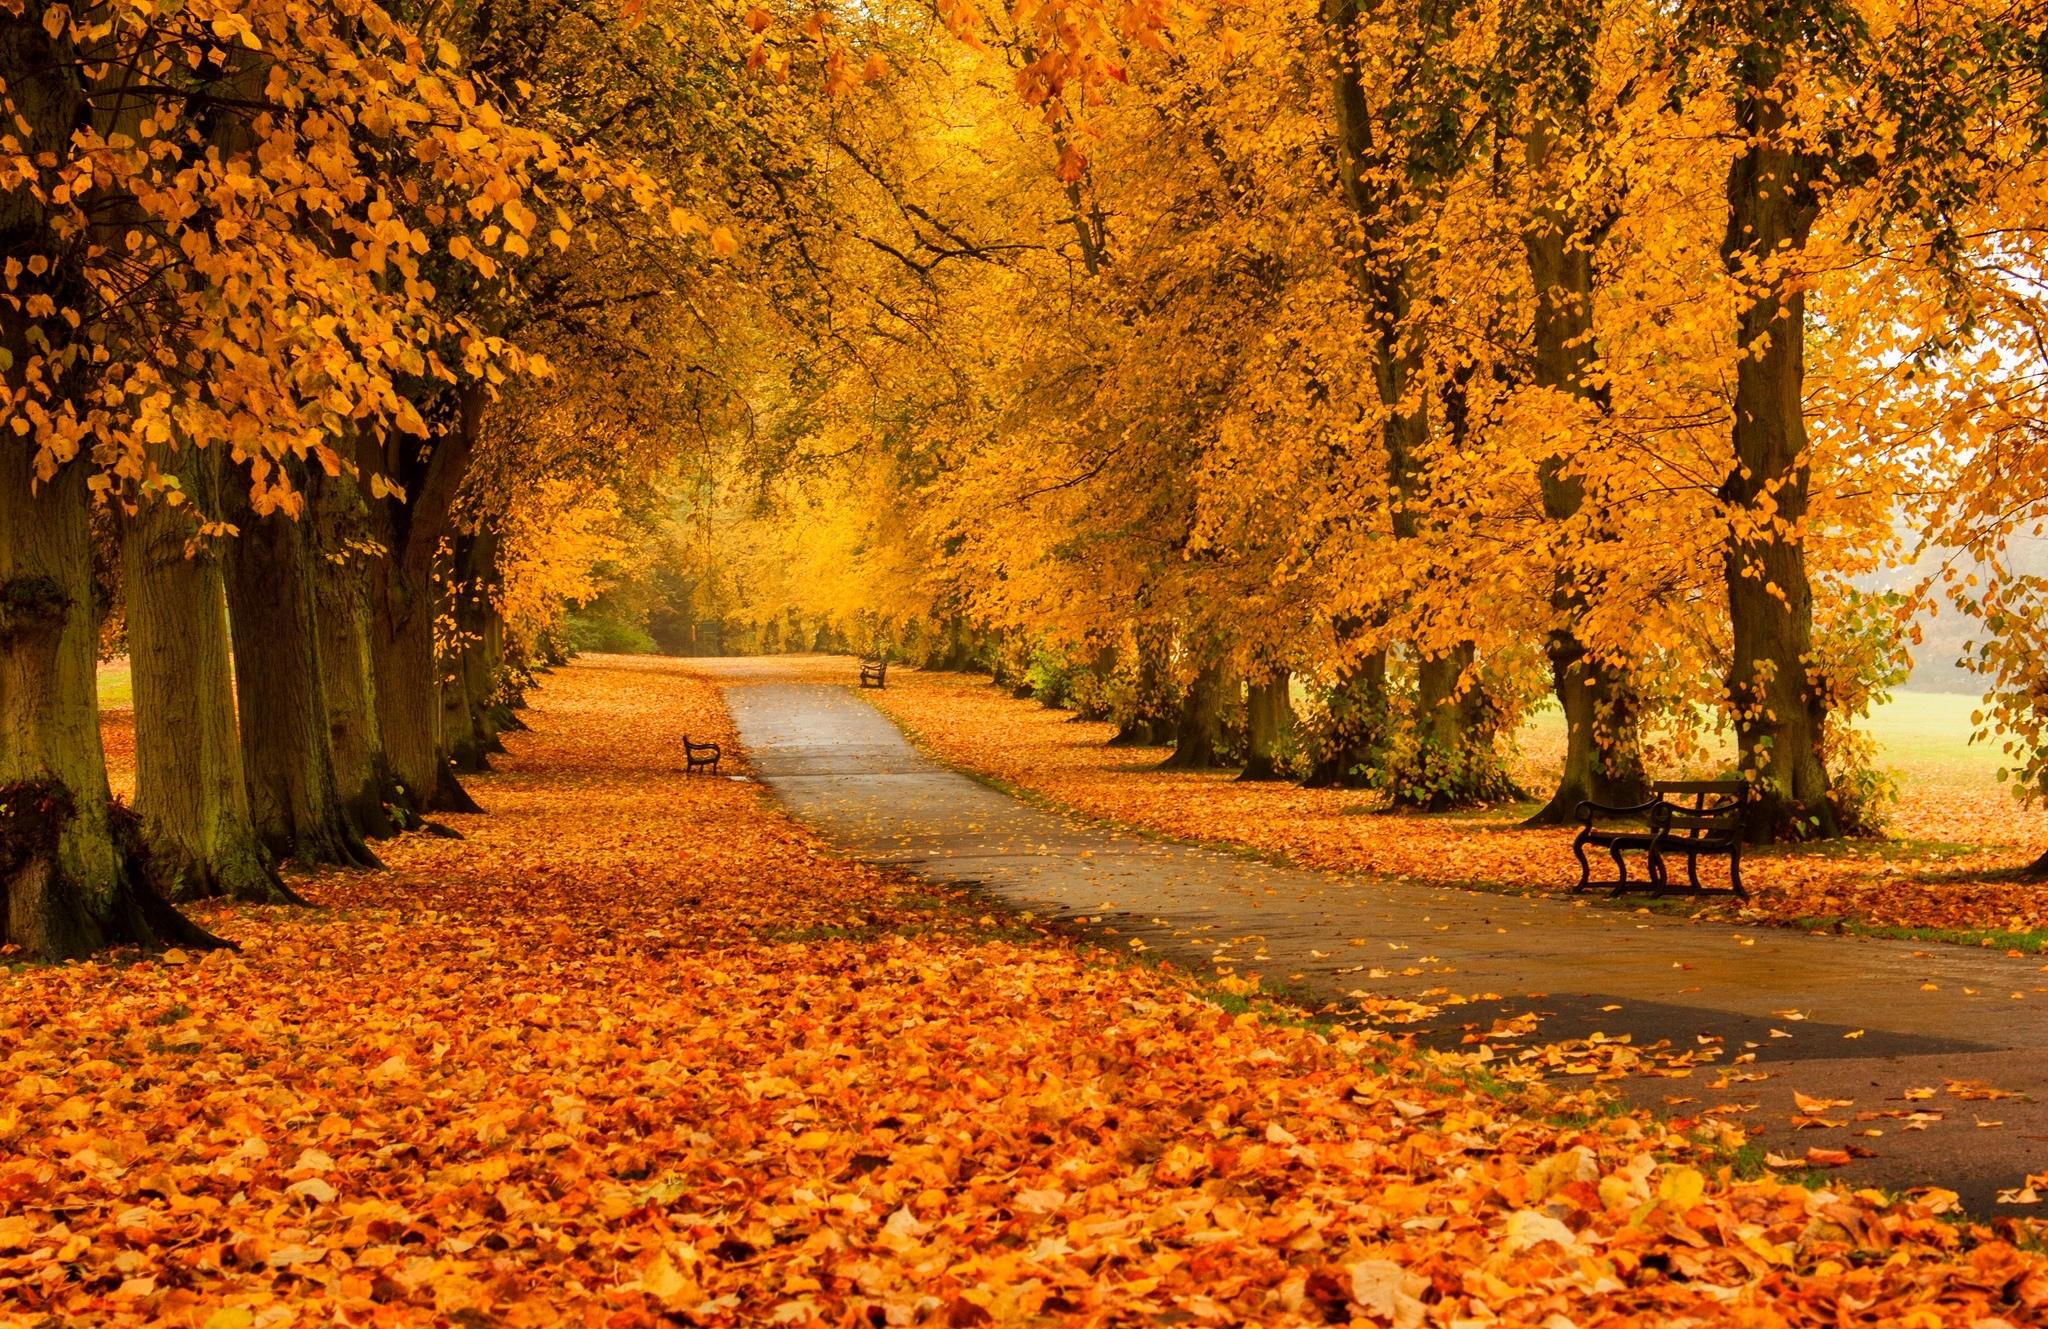 фото картинок золотой осени последние